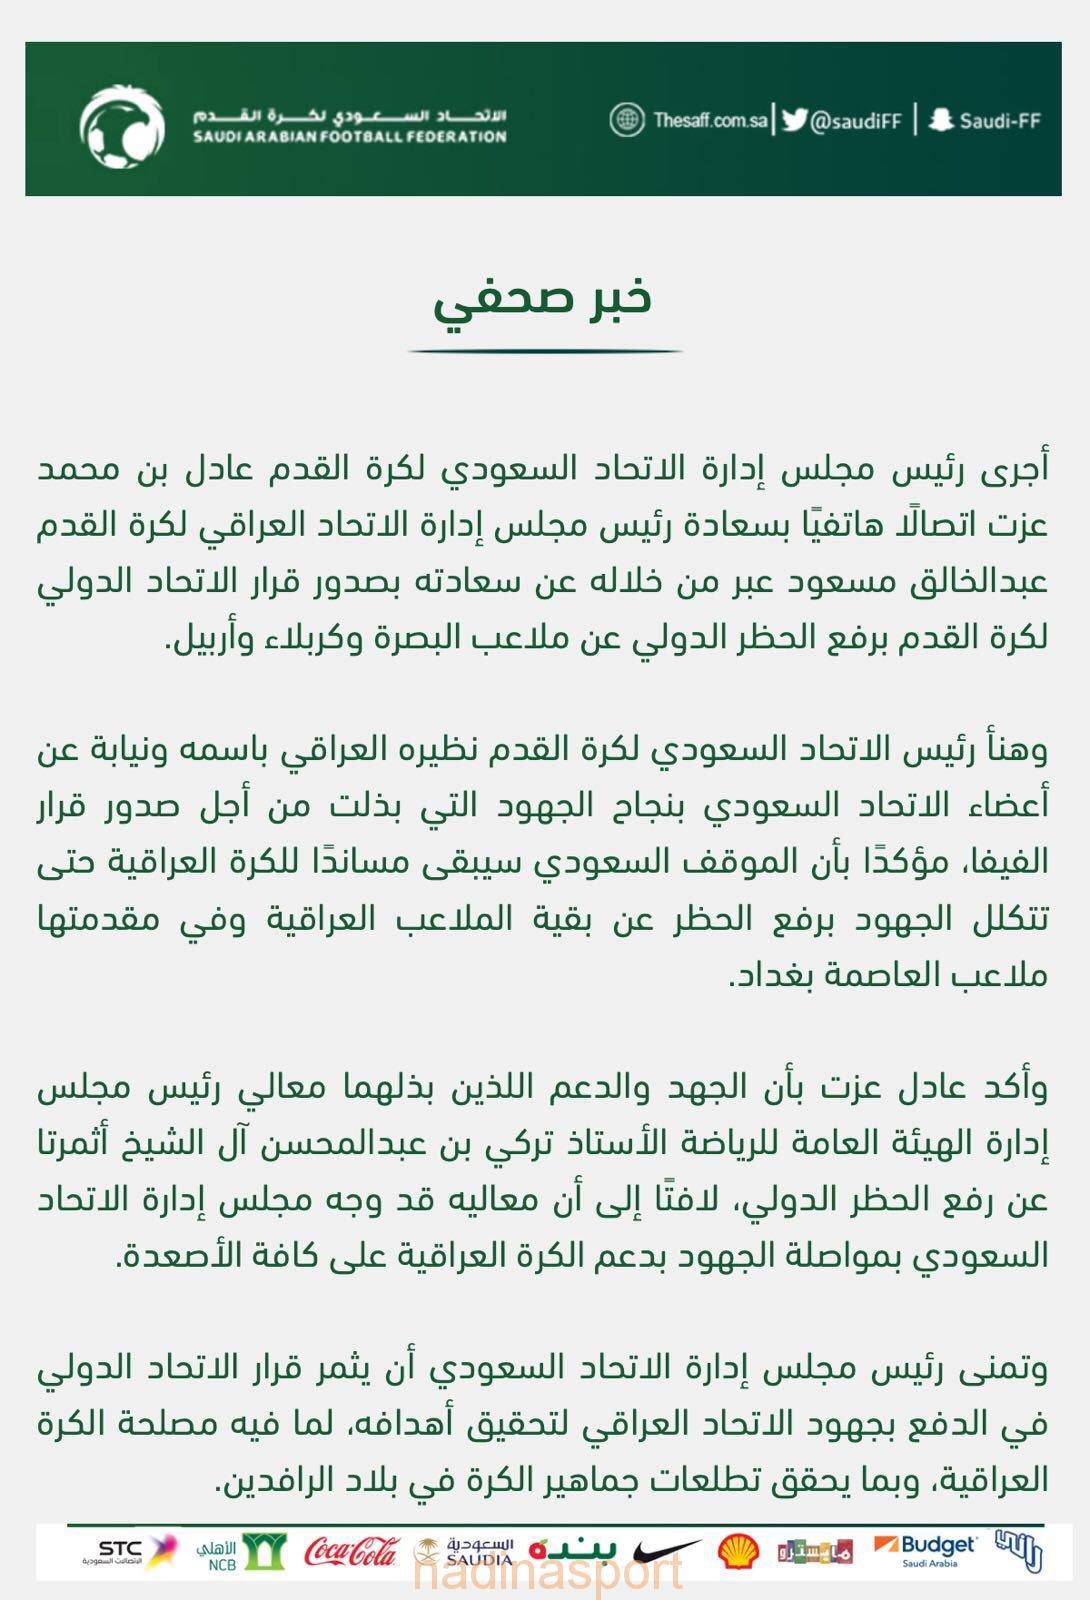 الفيفا يتيح إقامة المباريات الدولية في العراق